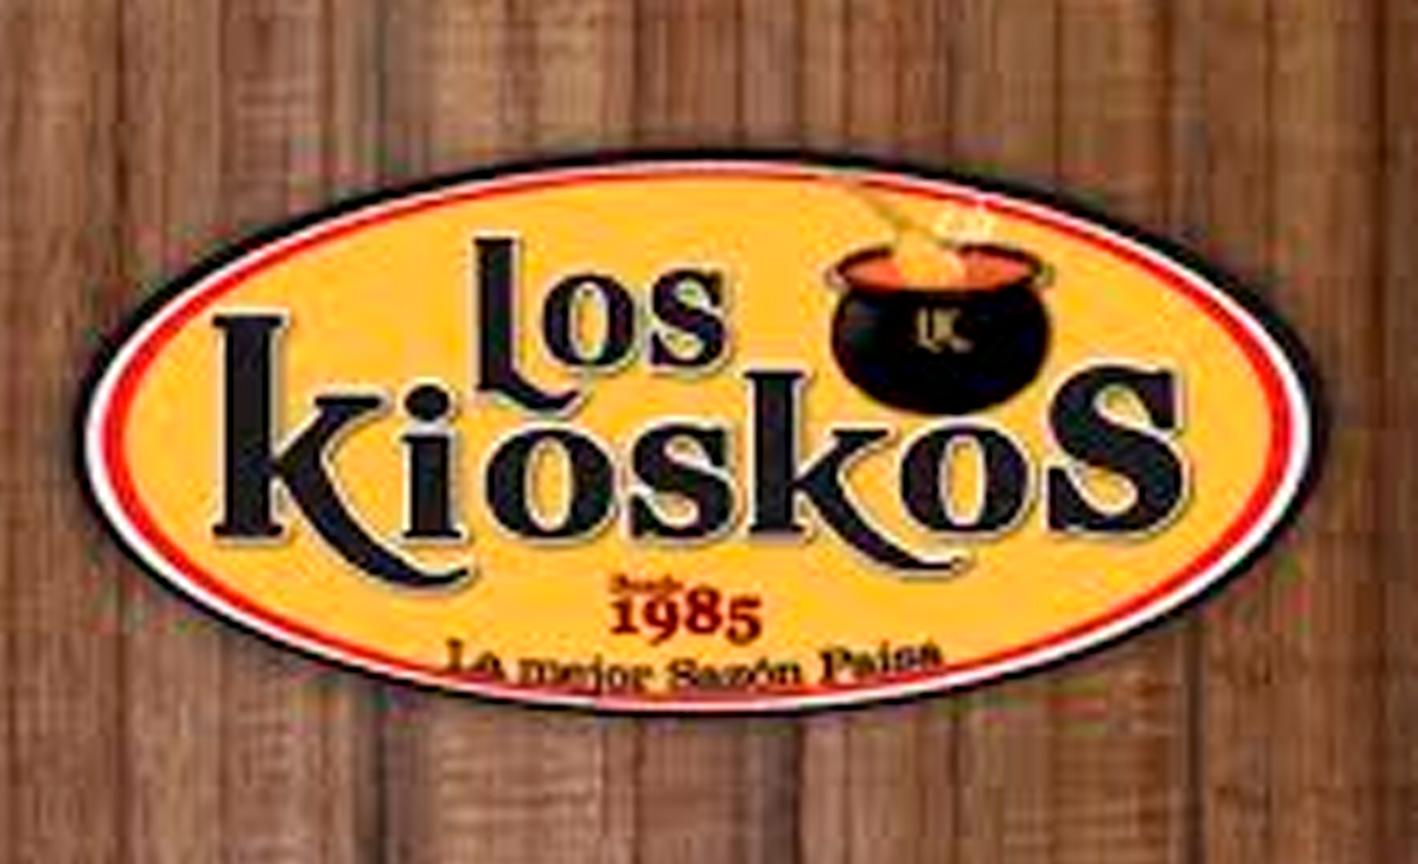 Los-kioskos-logo